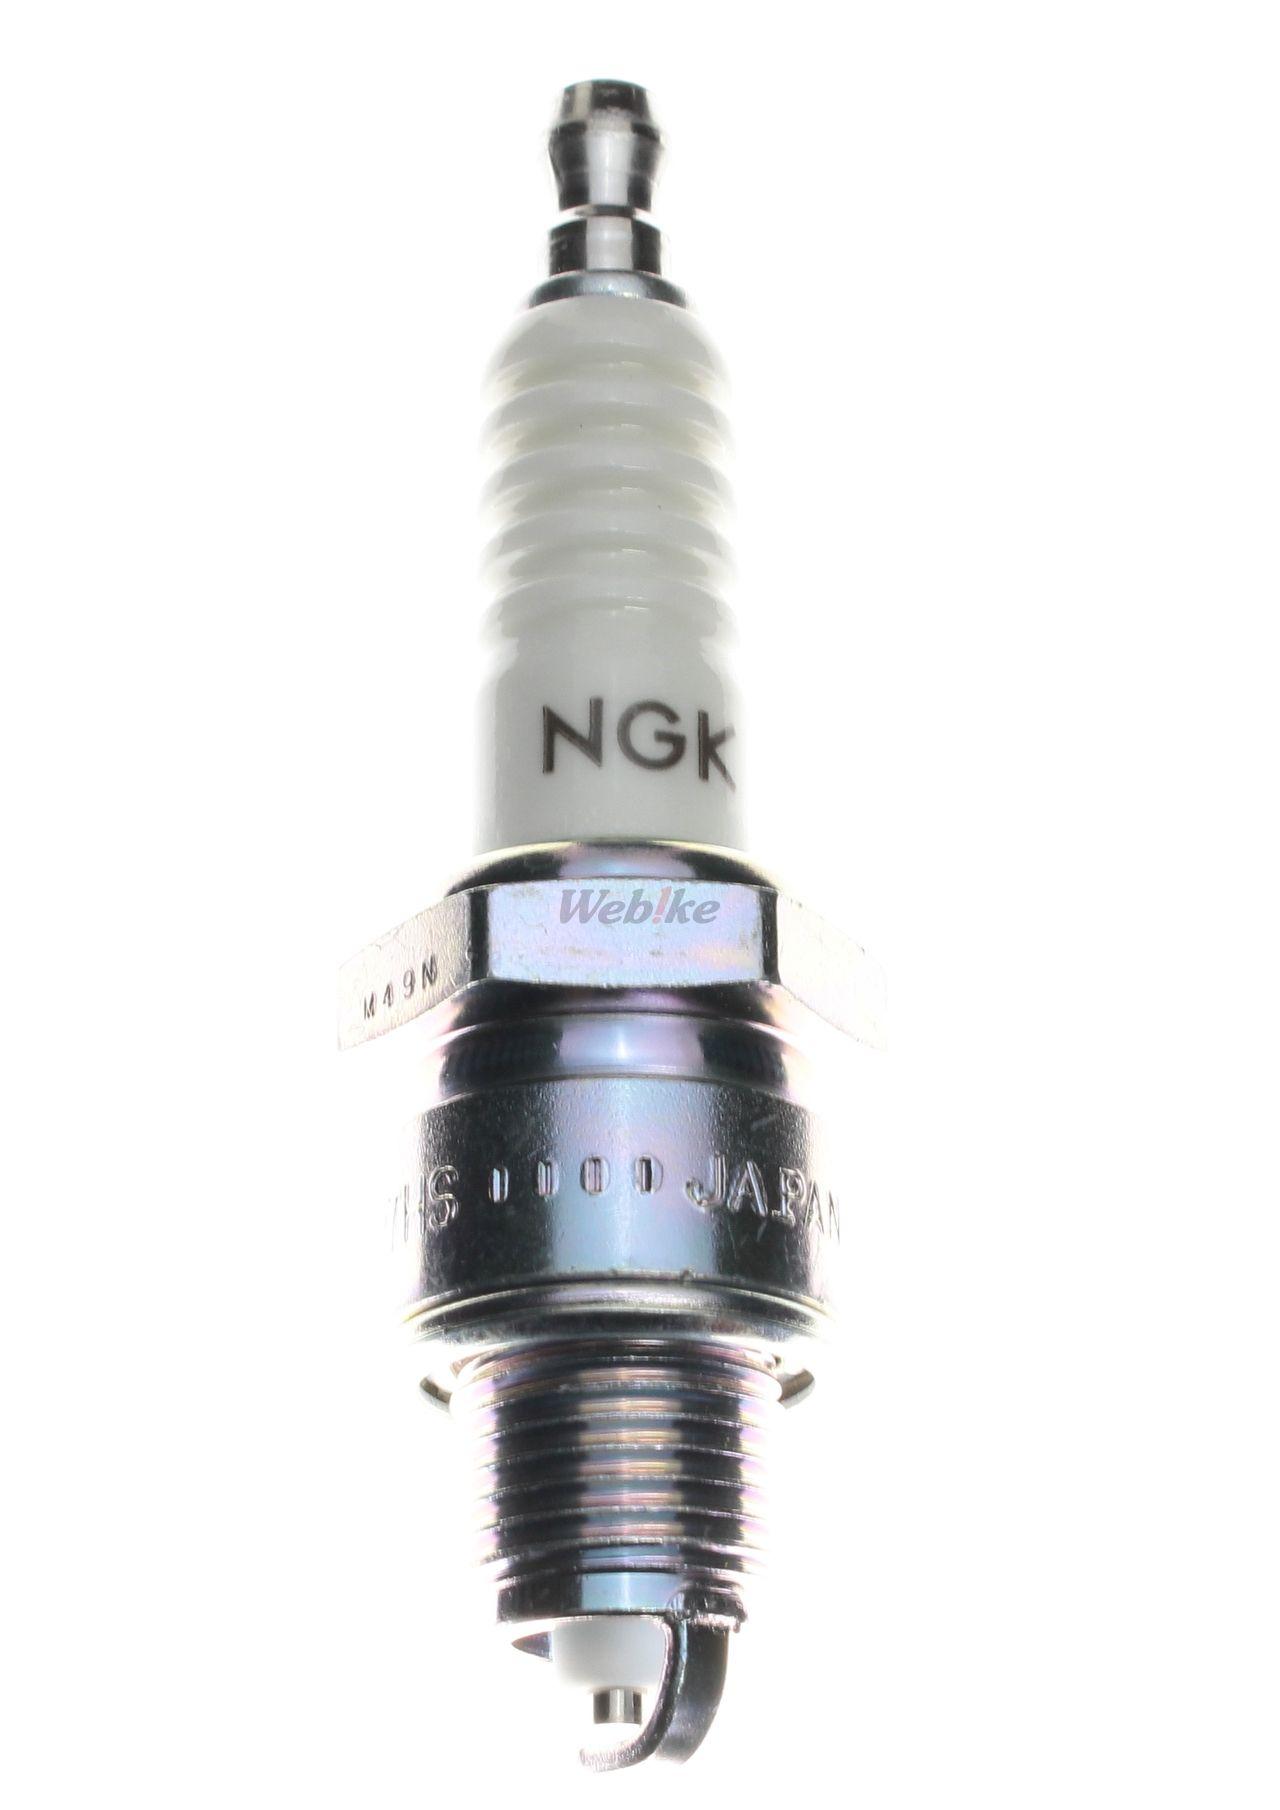 【NGK】標準型 火星塞 BP7HS 5111 - 「Webike-摩托百貨」